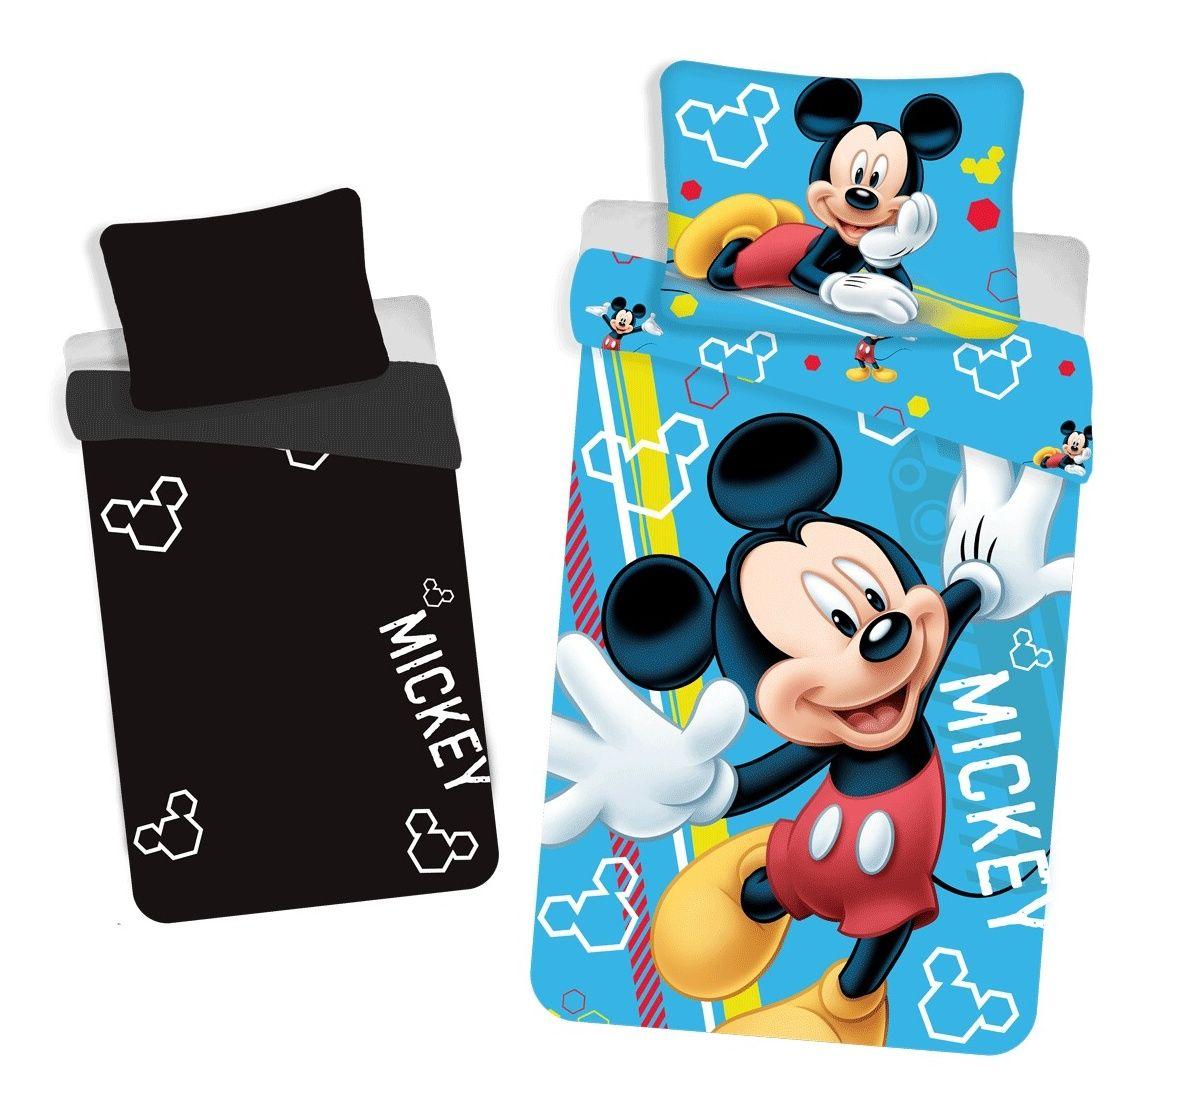 Bavlnené obliečky sa svietiacim efektom Mickey Mouse Jerry Fabrics